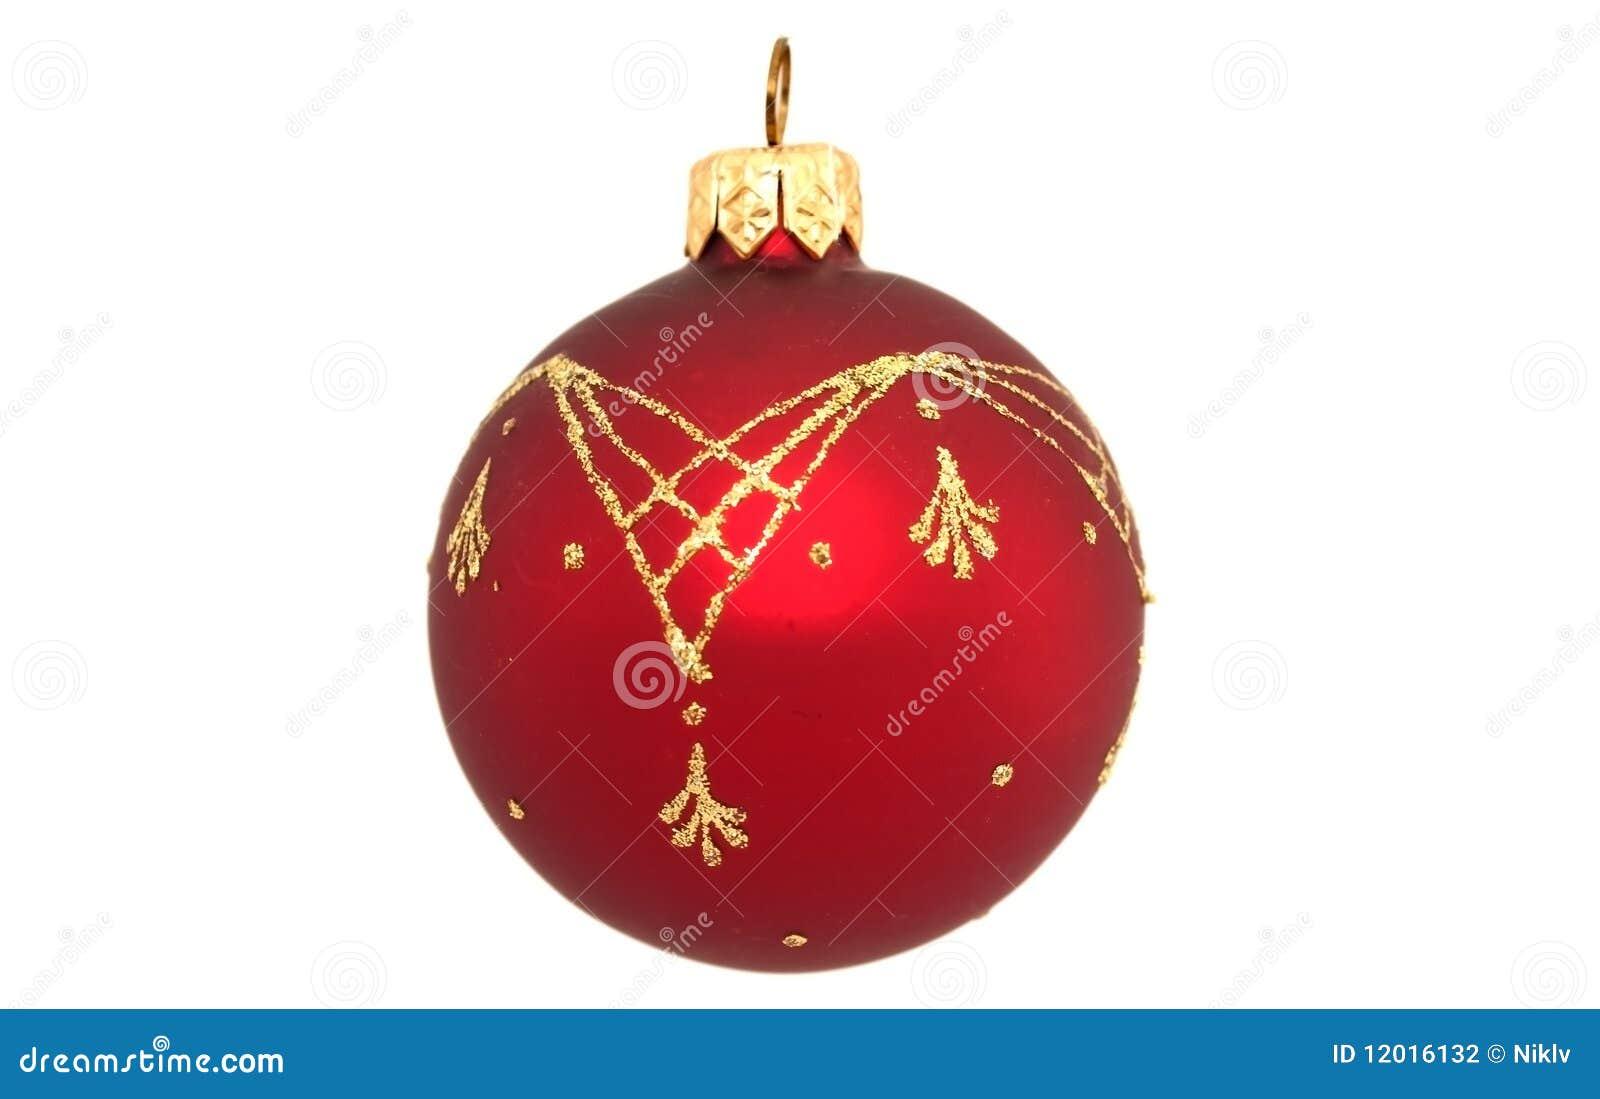 Christmas tree ball stock photography image 12016132 for Christmas tree balls